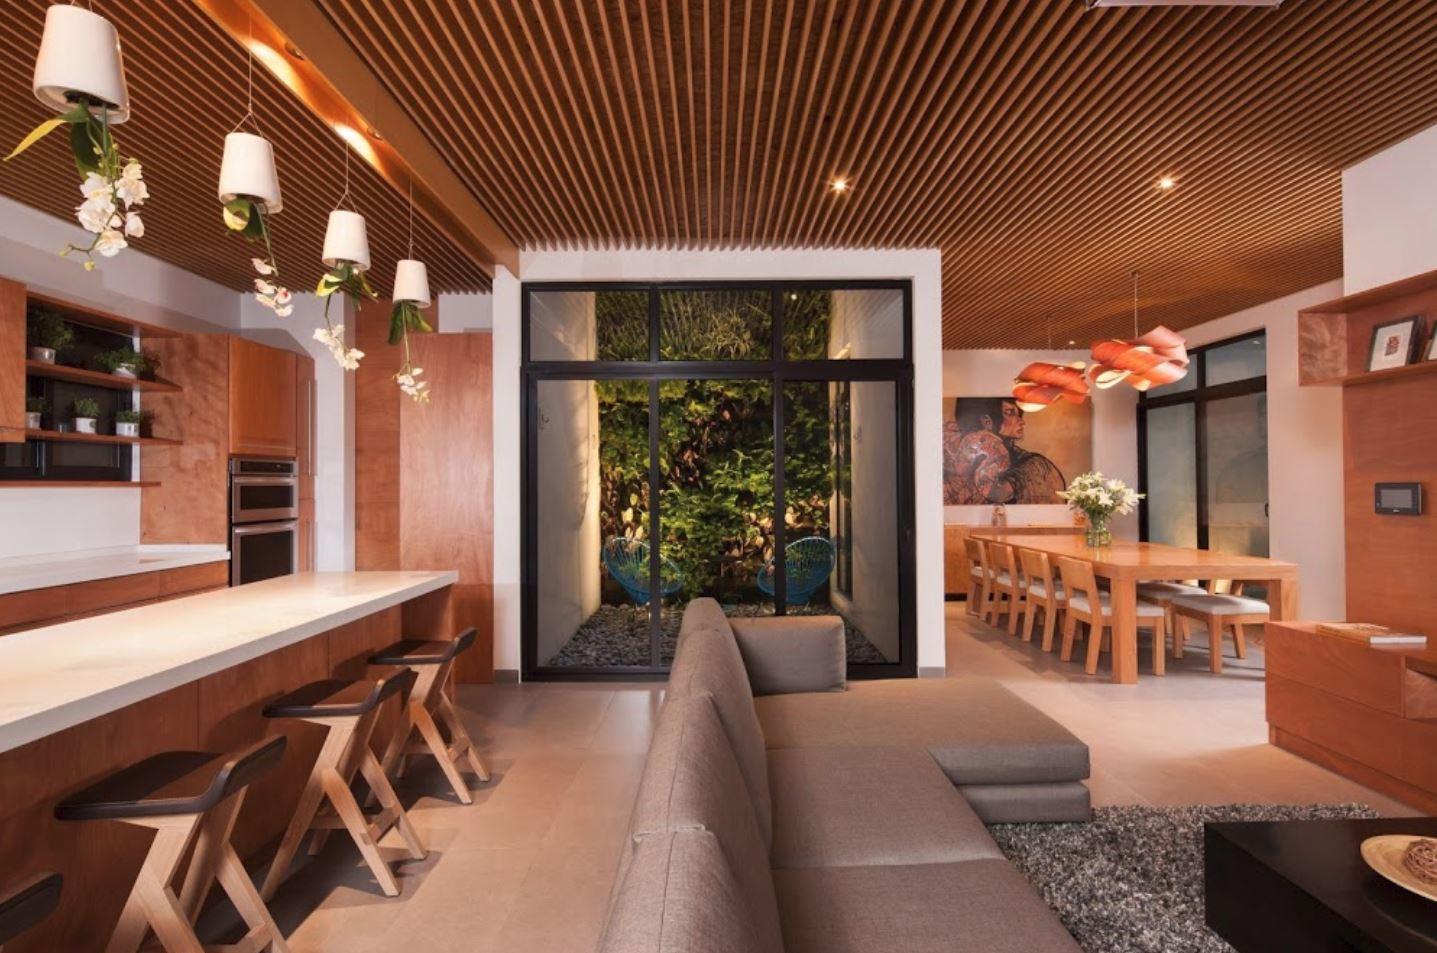 Plano de casa con cielo raso de madera for Planos de casas con patio interior